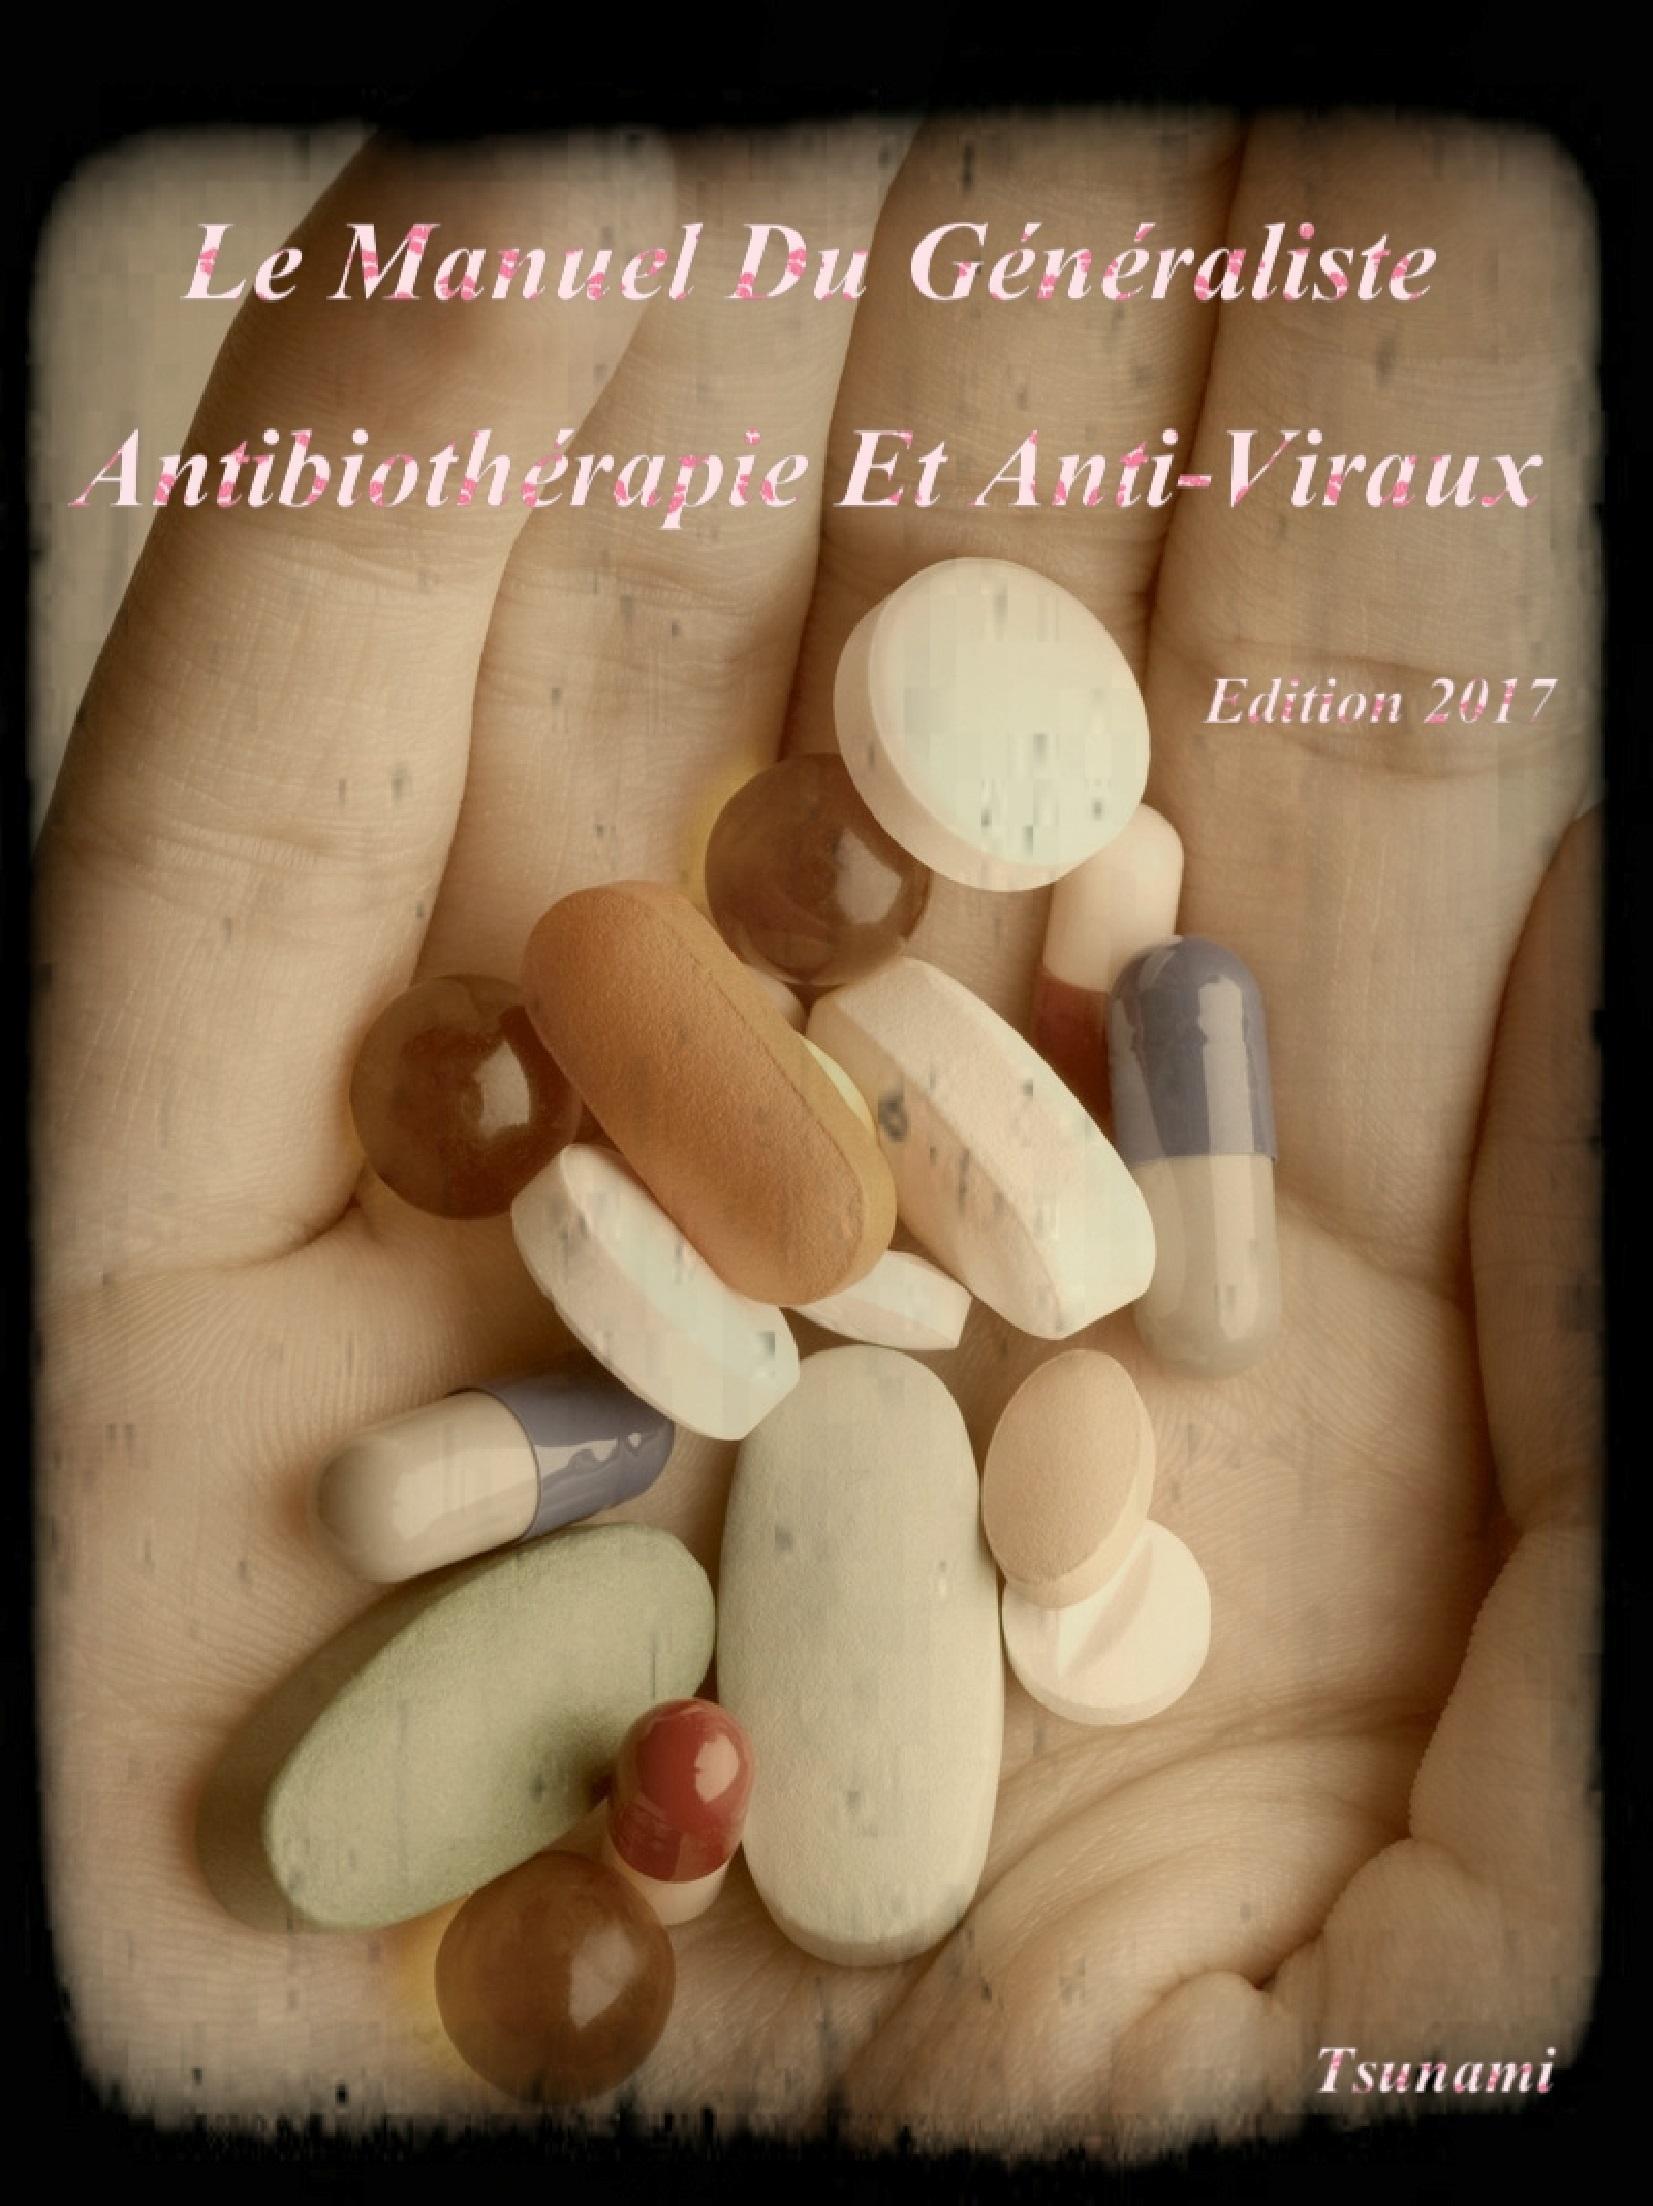 Livres Médicales - Le Manuel Du Généraliste 2017 Antibiothérapie Et Anti-Viraux Le_man11